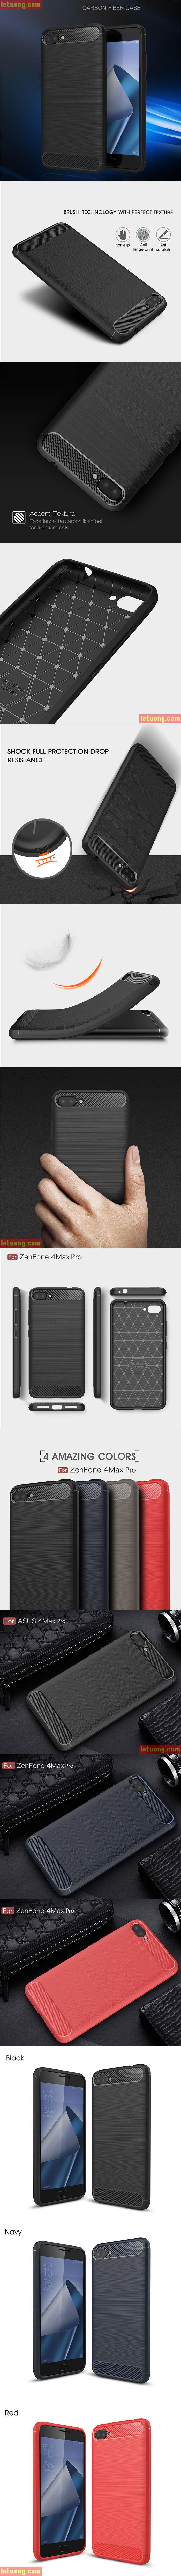 Hình ảnh ốp lưng Zenfone 4 Max Pro Viseaon Rugged Armor nhựa mềm TPU chống sốc.